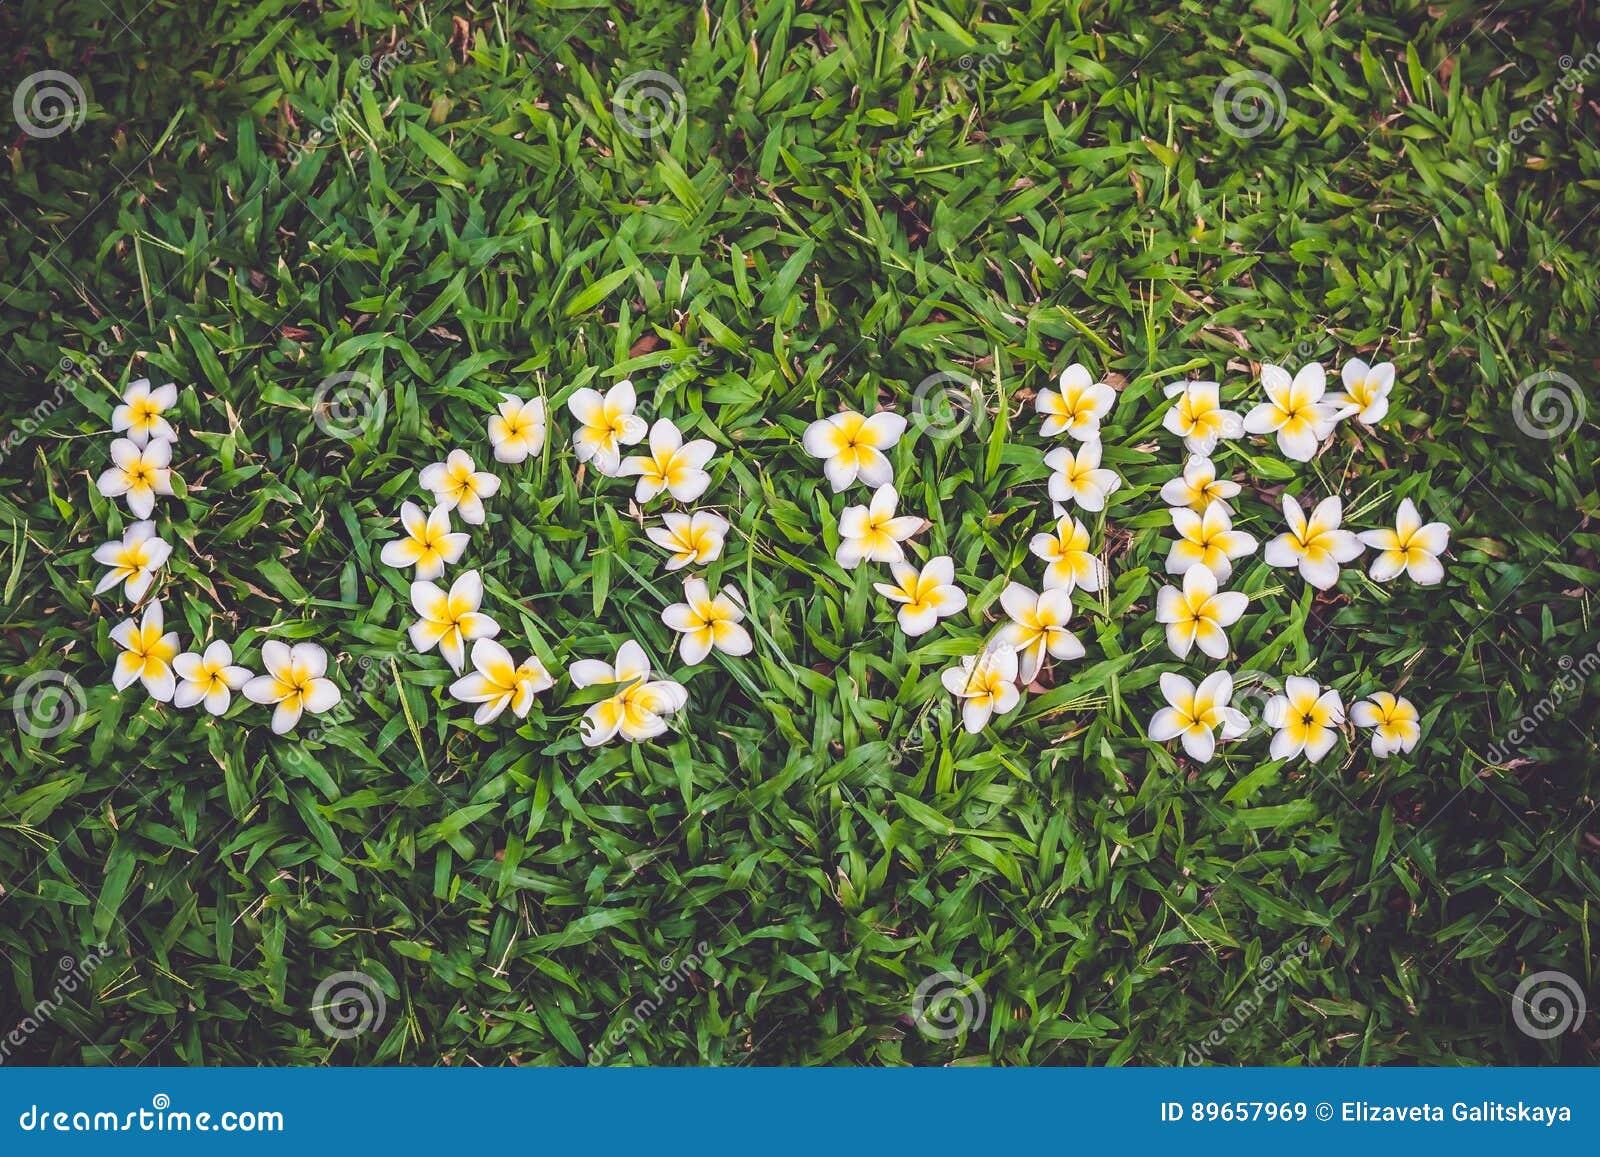 Frangipaniblumenanordnung als die Wortliebe auf dem grünen Gras